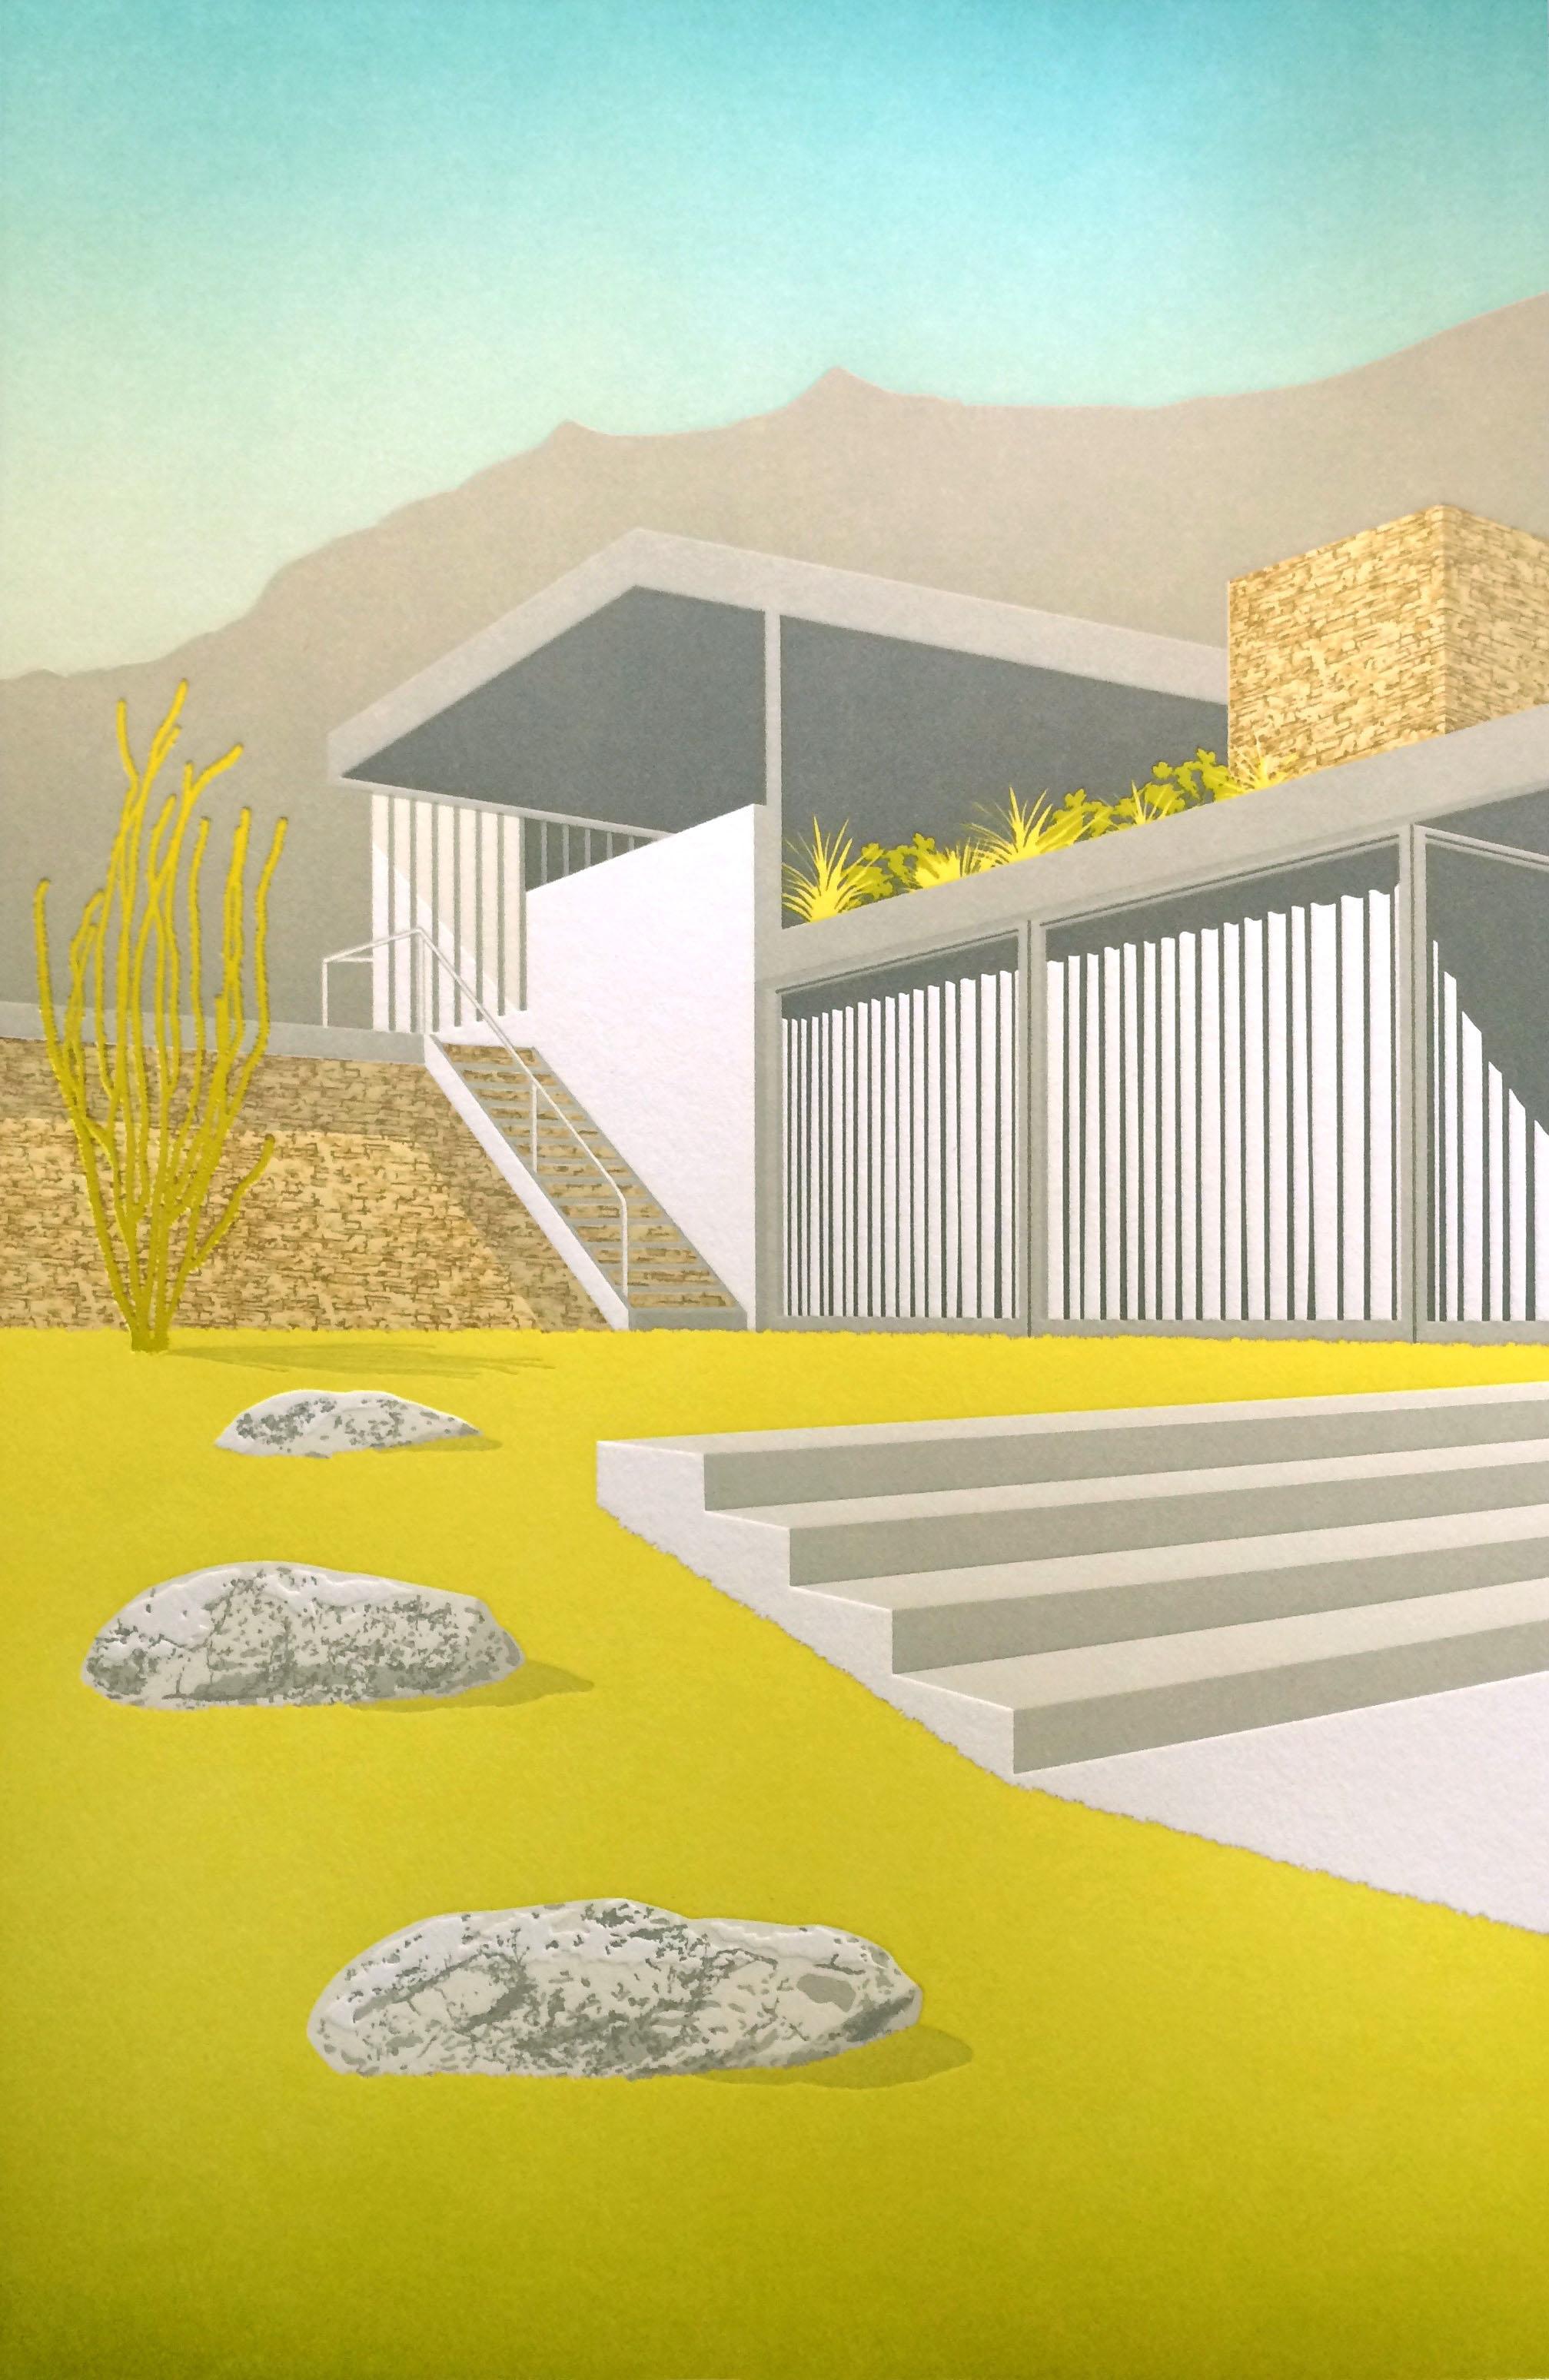 Desert Architecture - Kaufman House 13 pass letterpress piece, 2 split founts. Printed on 100% cotton paper.